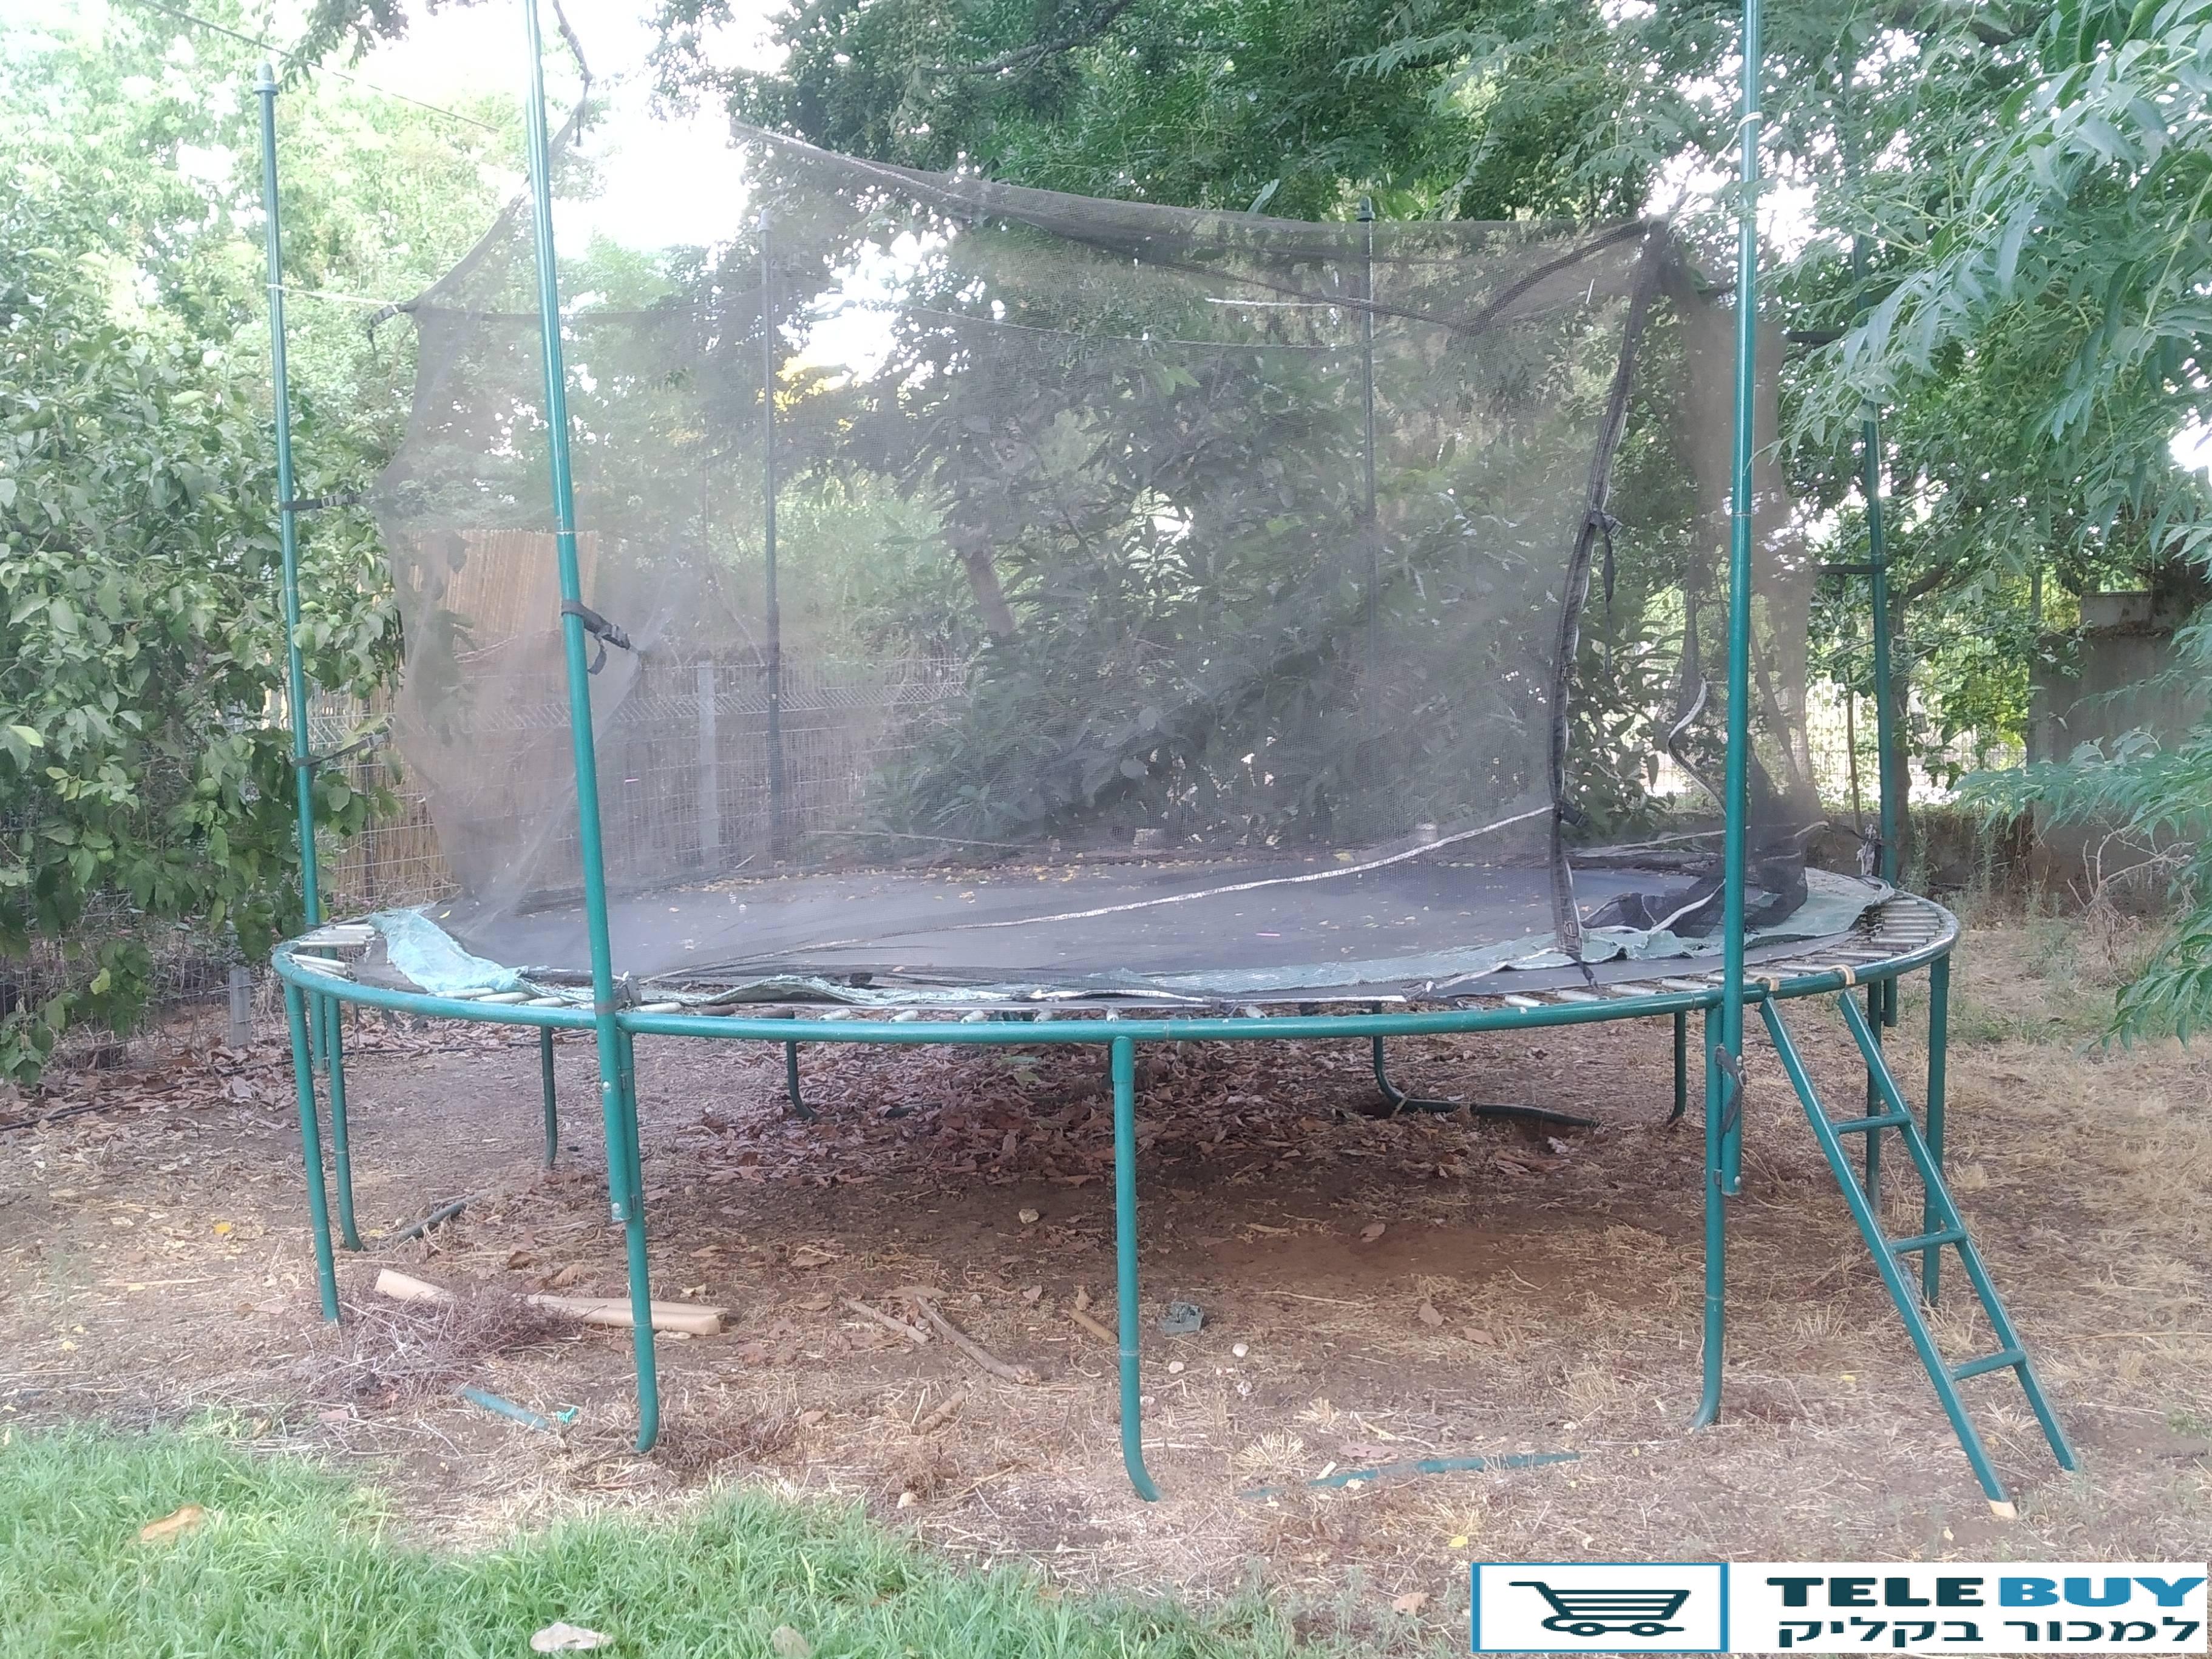 ספורט טרמפולינה בפרדס חנה - כרכור